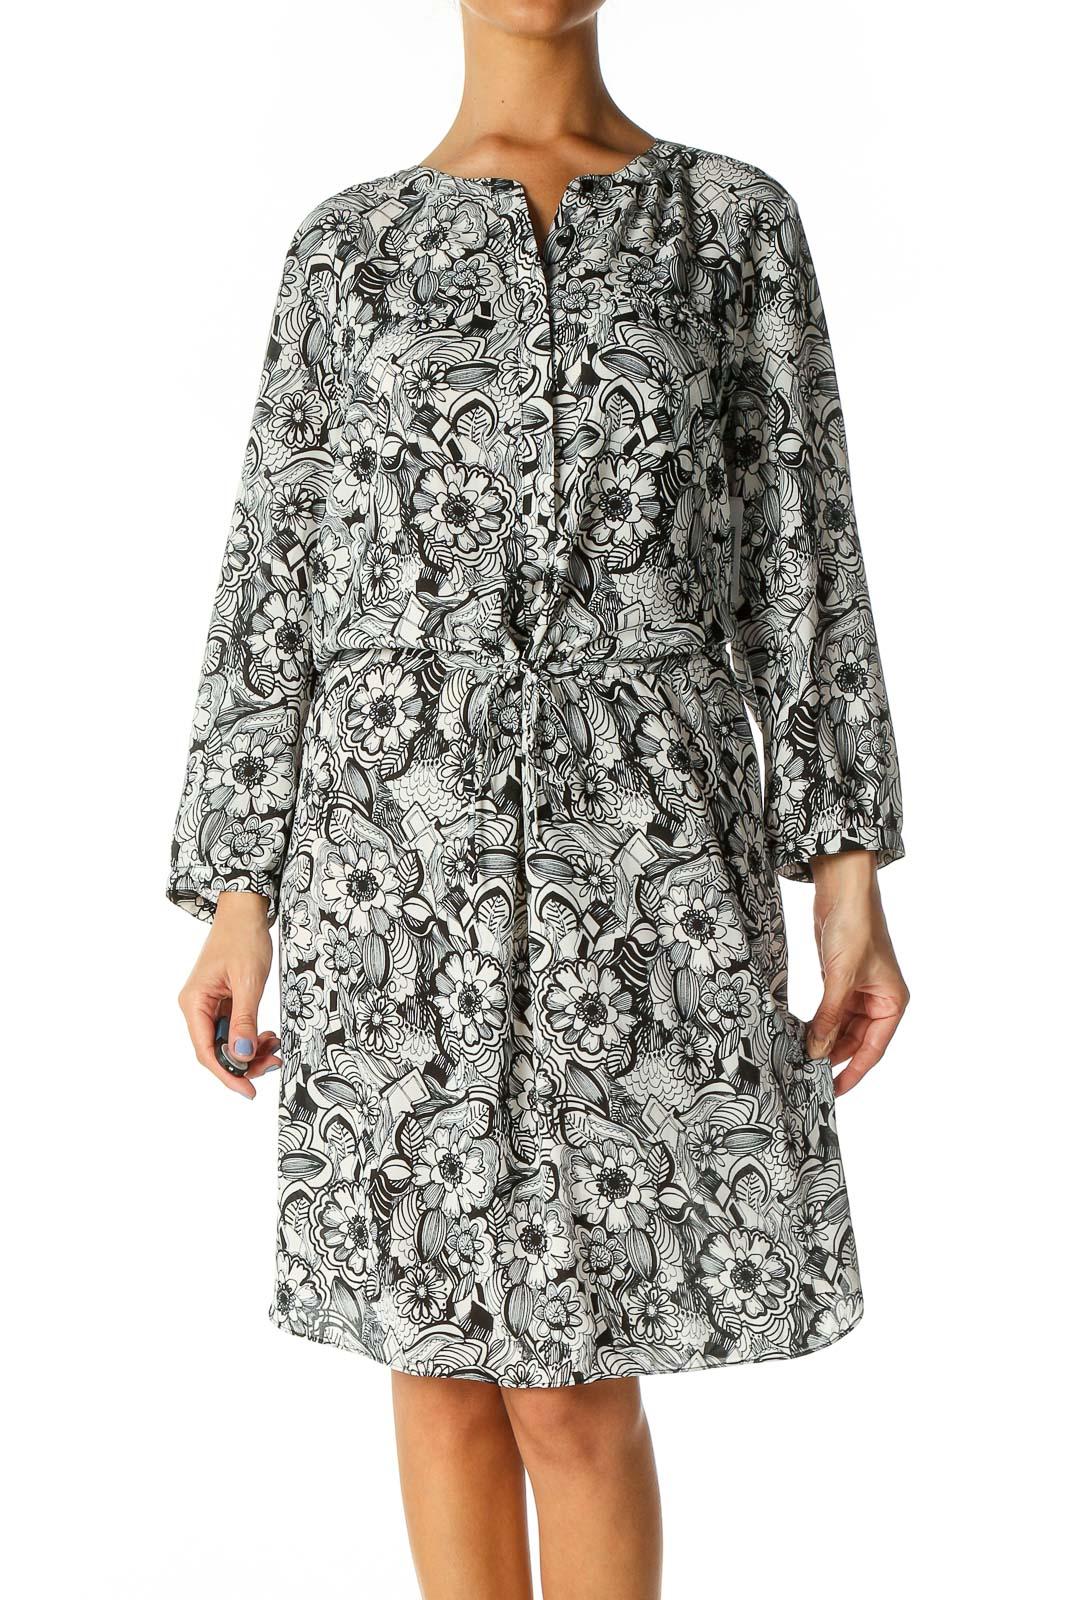 White Floral Print Bohemian A-Line Dress Front